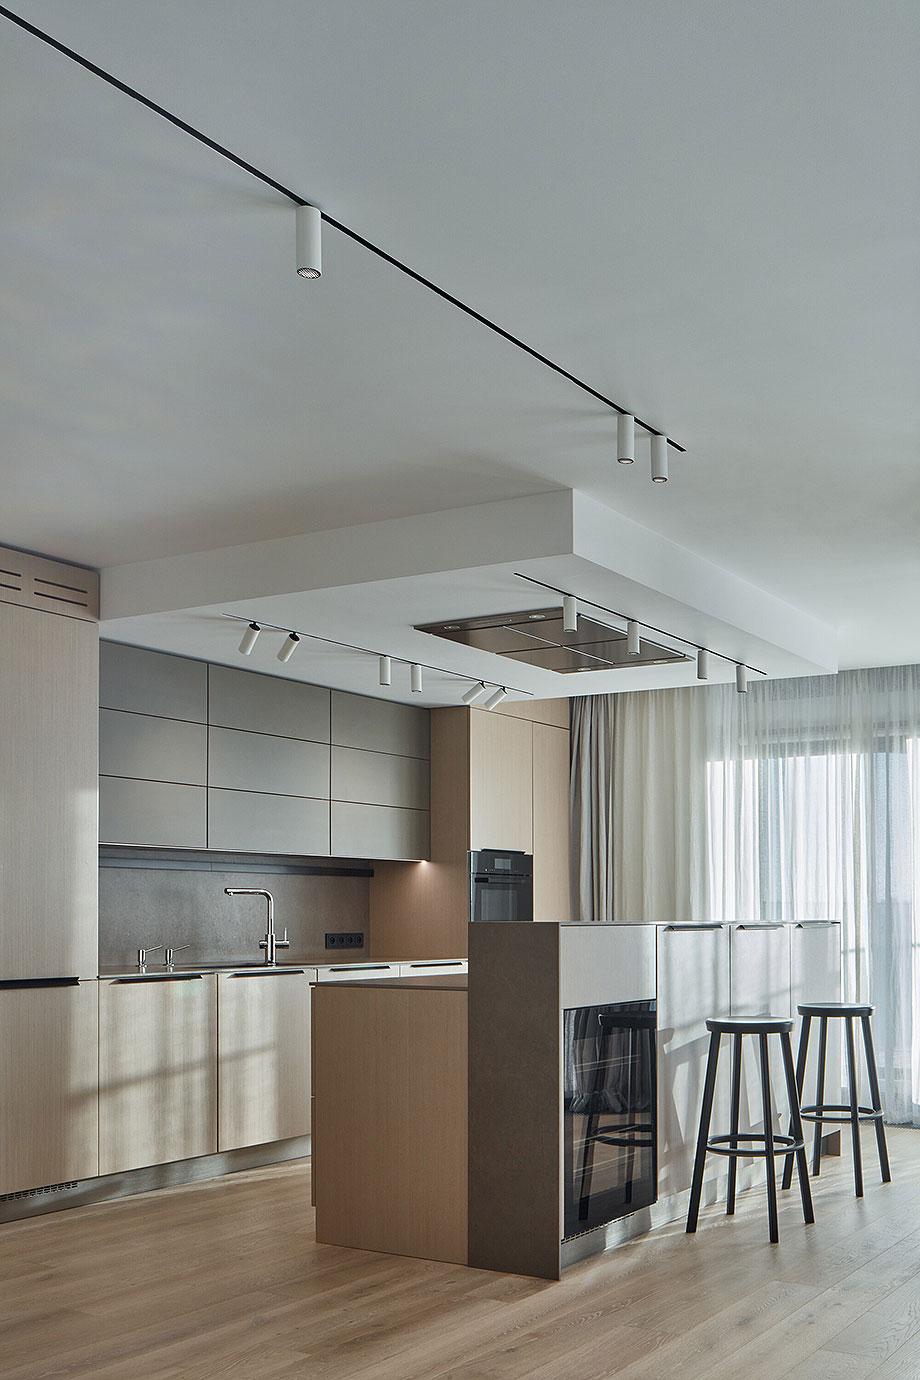 reforma apartamento en praga por barbora leblova (3) - foto boysplaynice